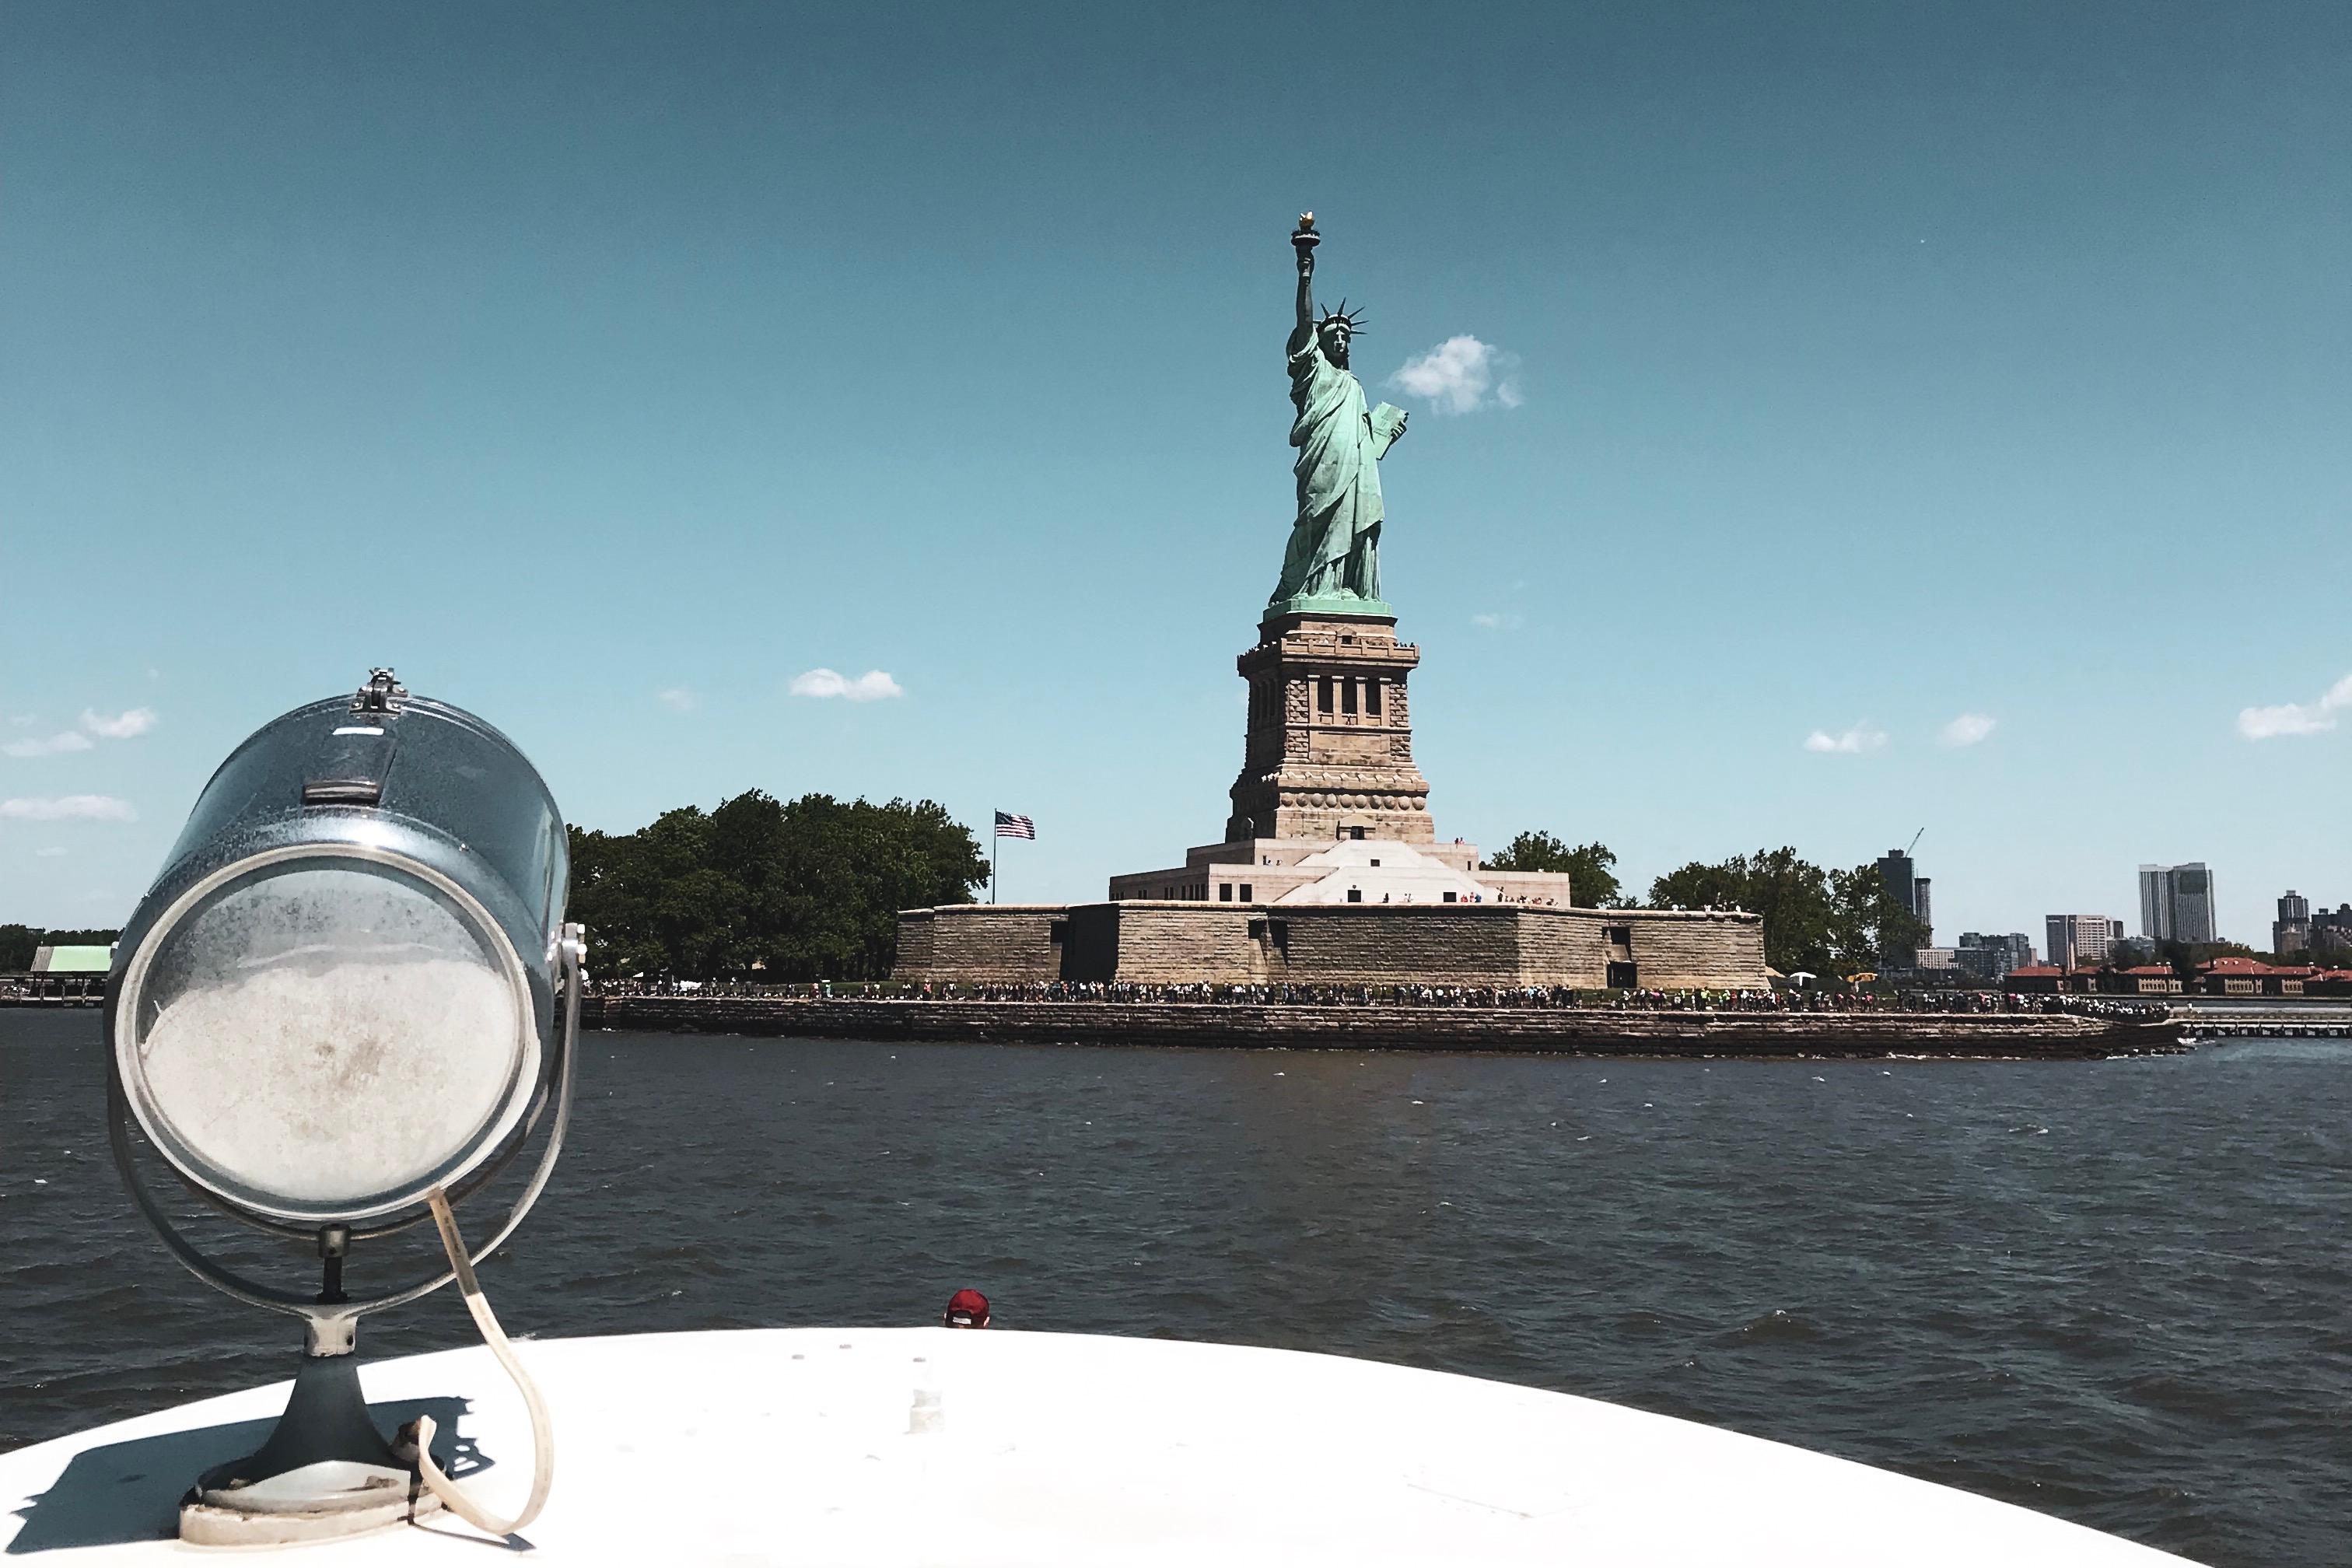 viaggio-a-new-york-statua-della-libertà